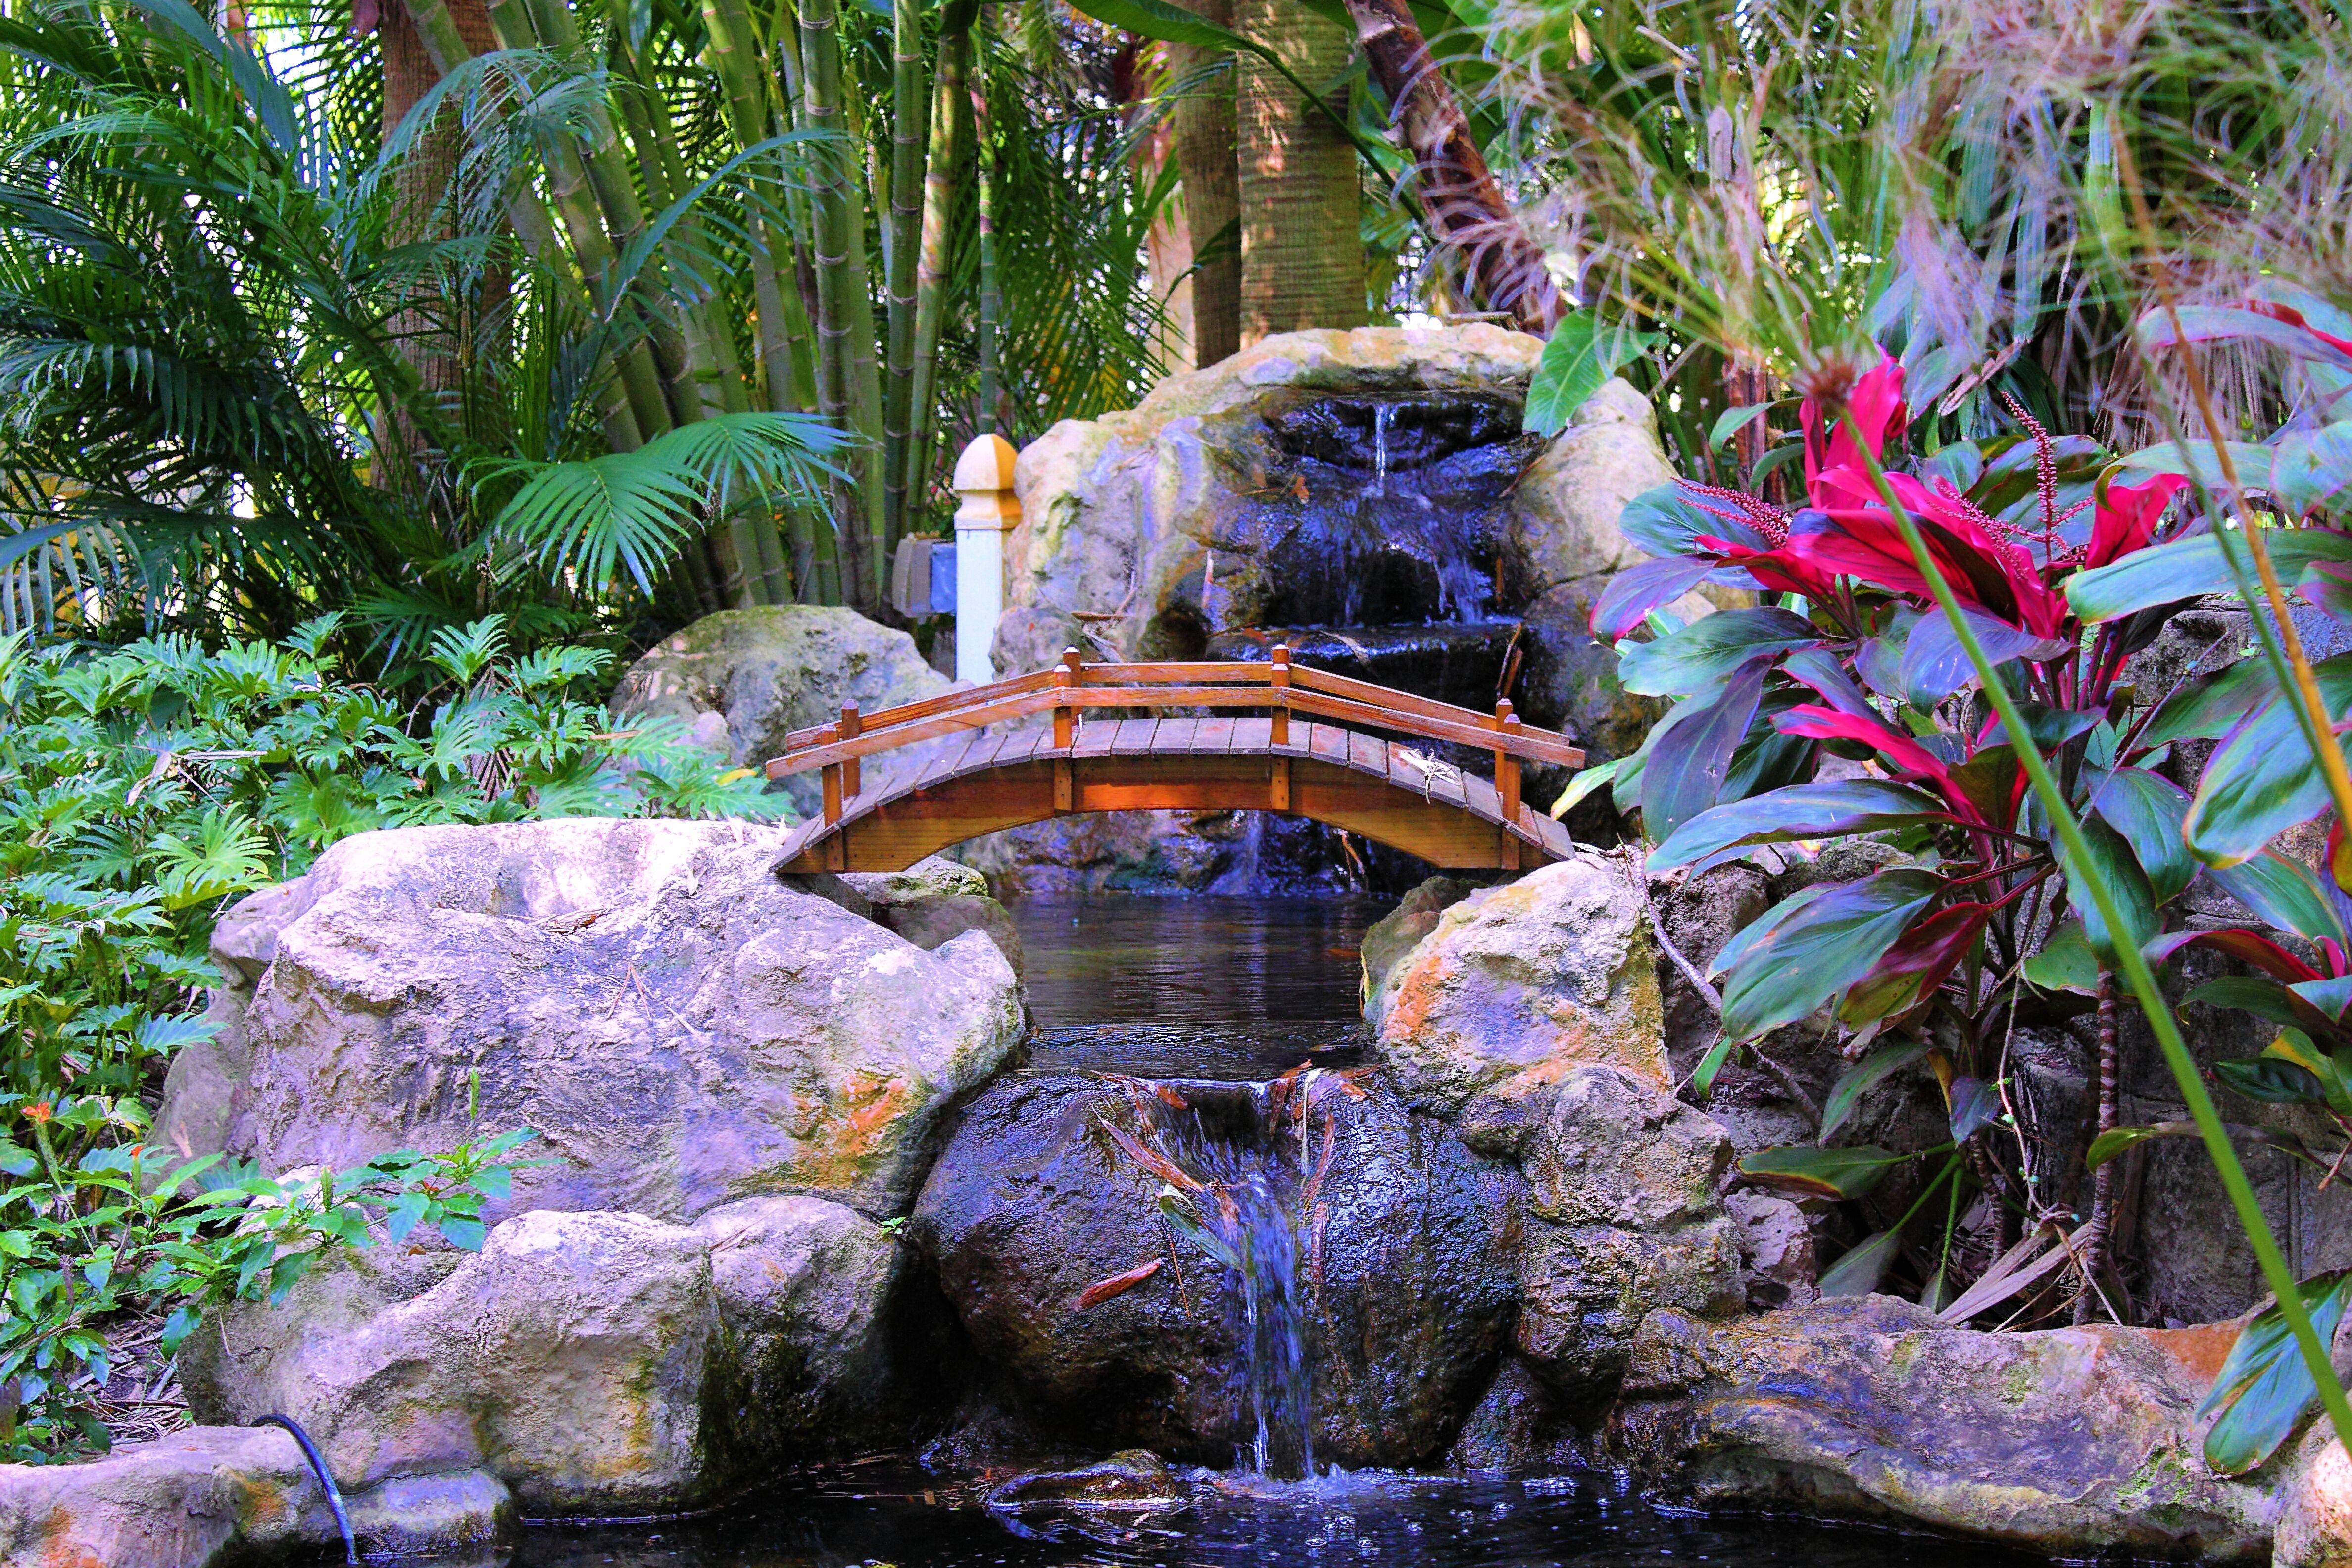 141808 скачать обои Водопад, Растения, Природа, Камни, Пальмы, Интерьер, Мостик - заставки и картинки бесплатно